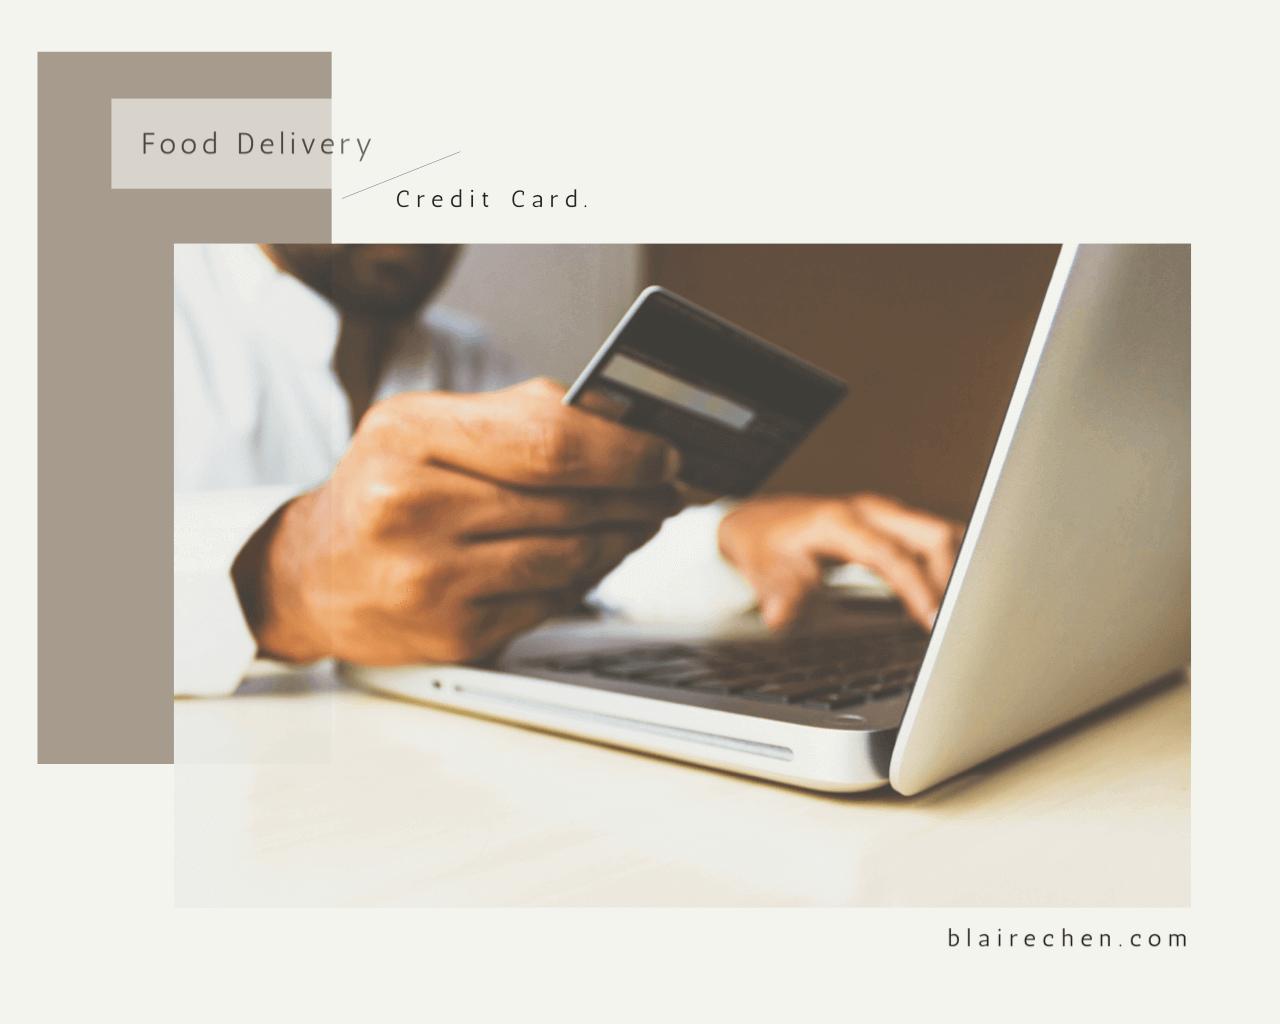 想在家划算吃美食?兩大外送平台爭霸戰,最新優惠活動、聰明選擇信用卡,讓你邊點邊省!